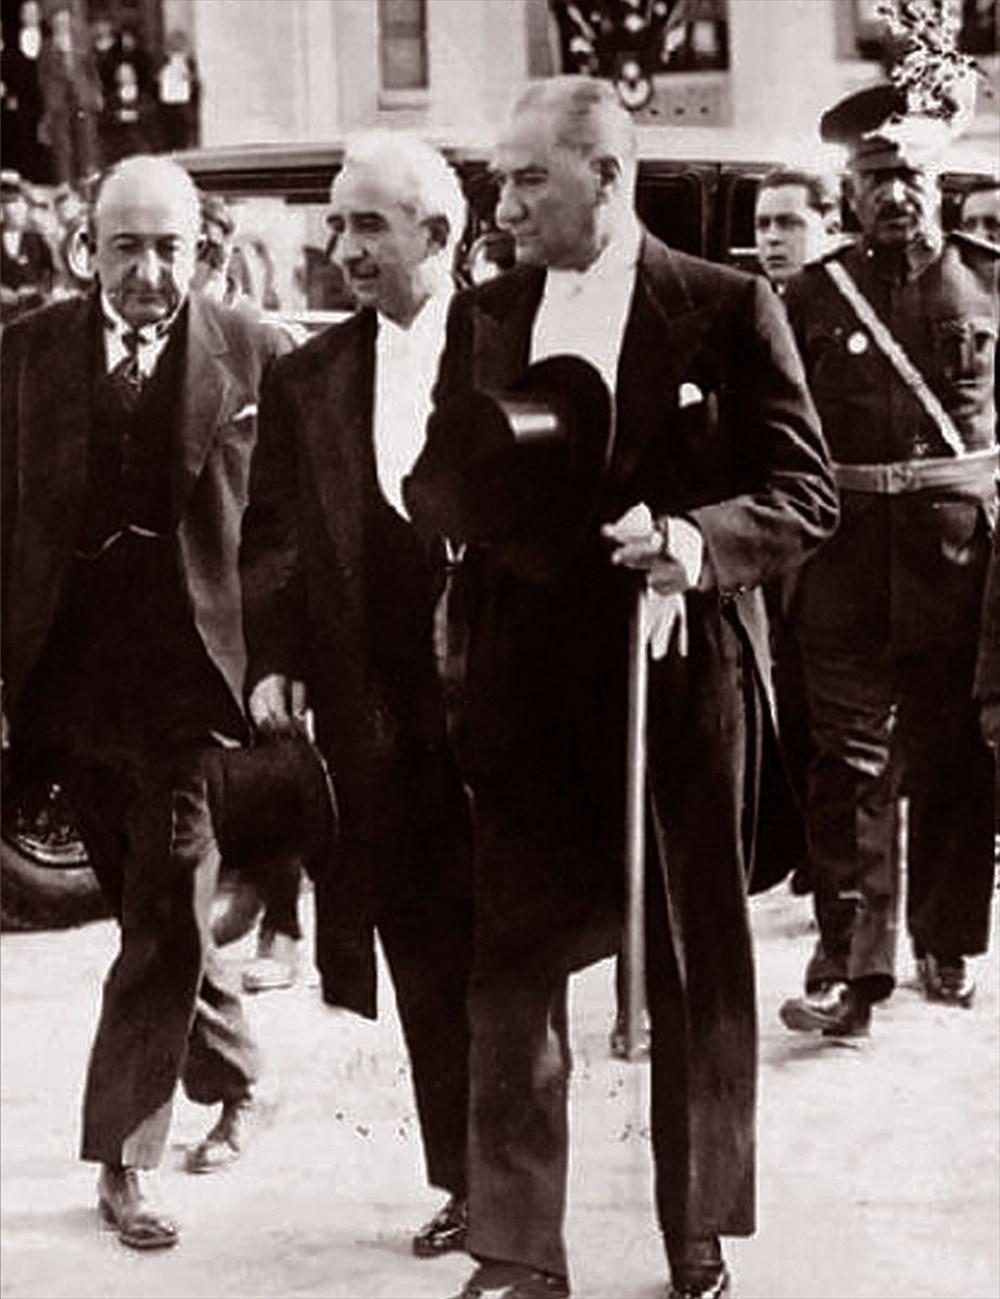 Türkiye Cumhuriyeti 97 yaşında (29 Ekim Cumhuriyet Bayramı) - 35